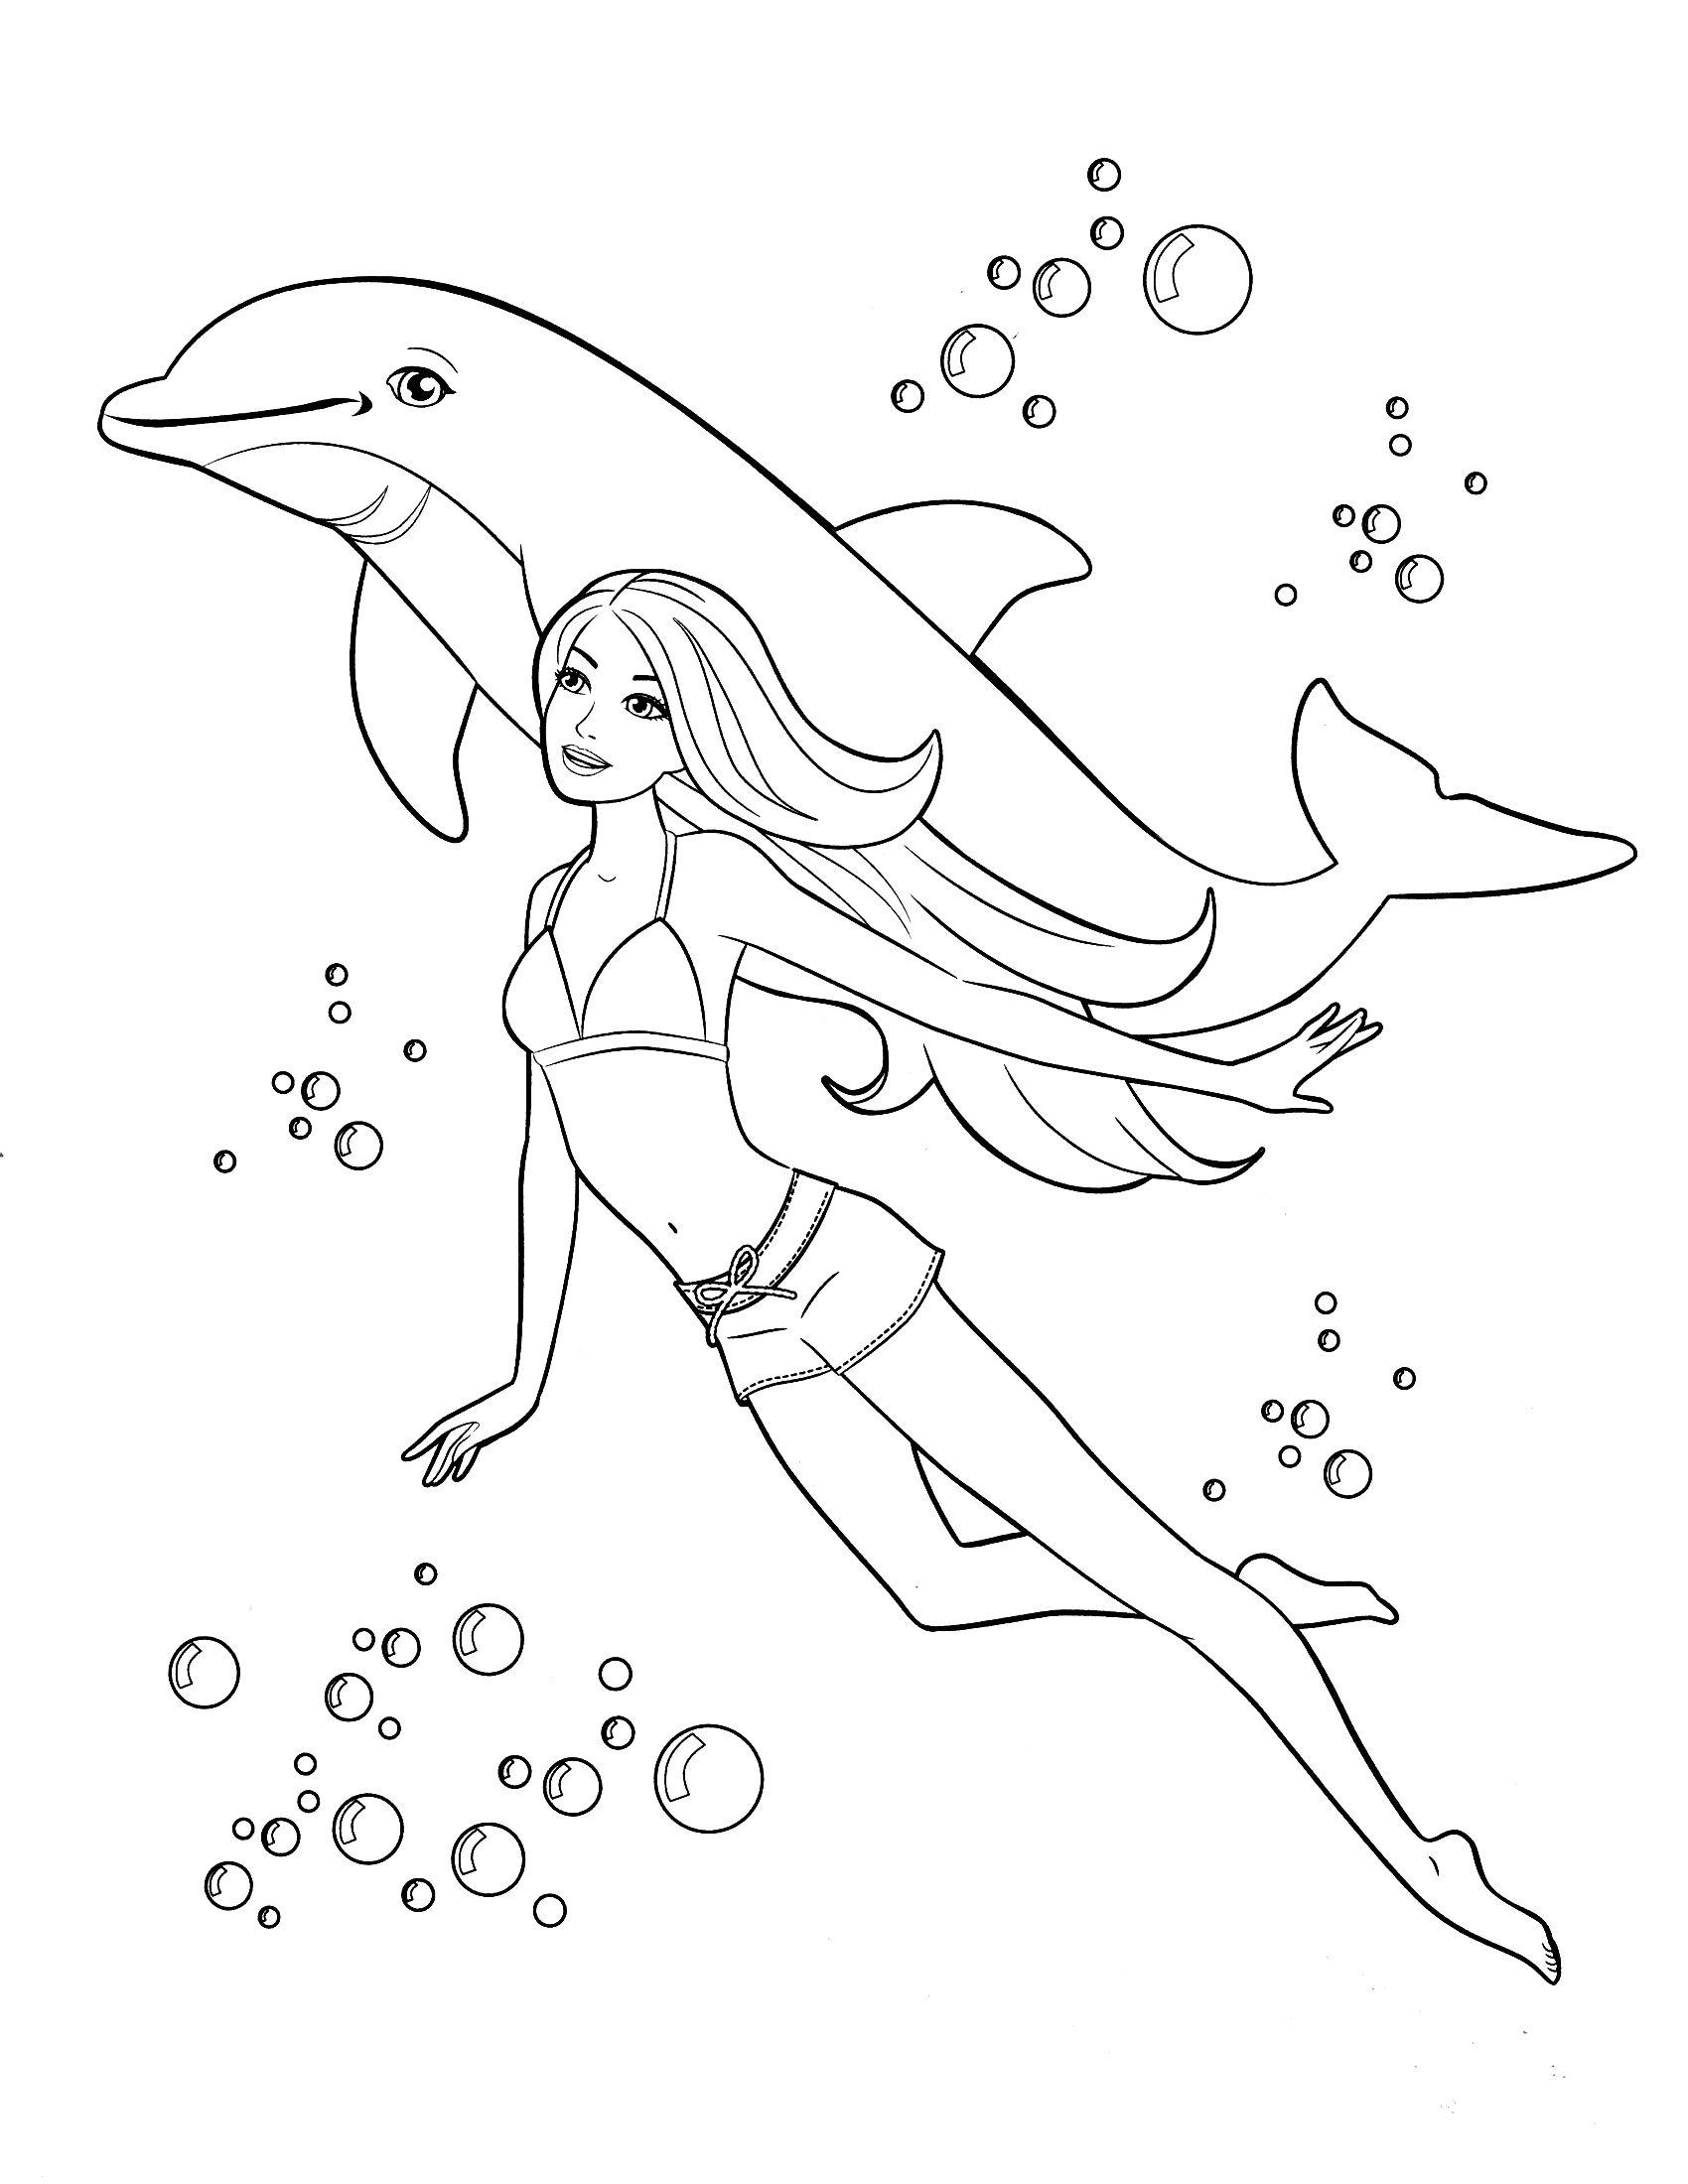 công chúa barbie lặn cùng cá heo